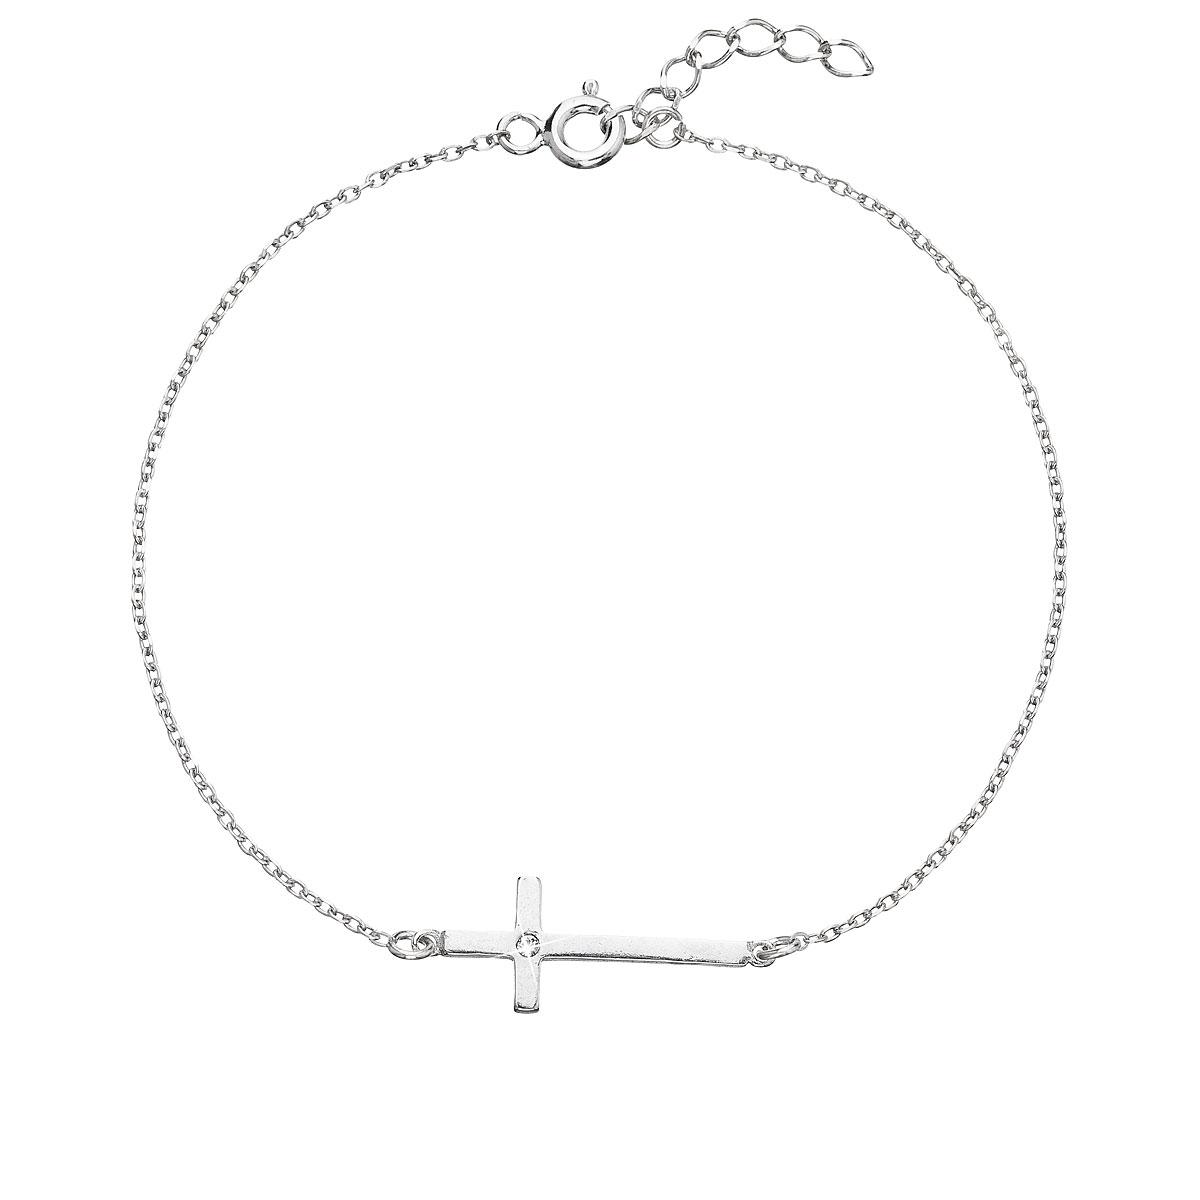 Stříbrný náramek s krystaly Swarovski bílý 33104.1